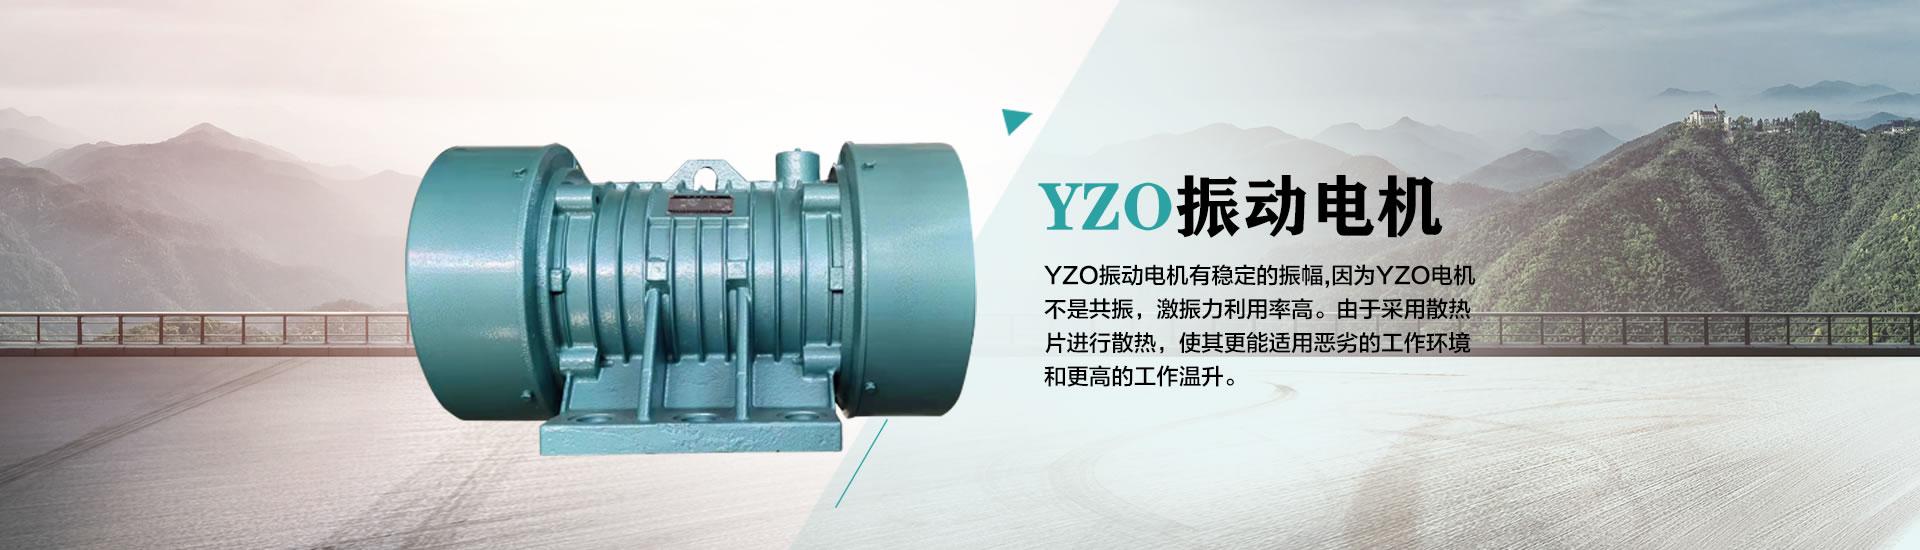 上海强振YZO系列振动电机